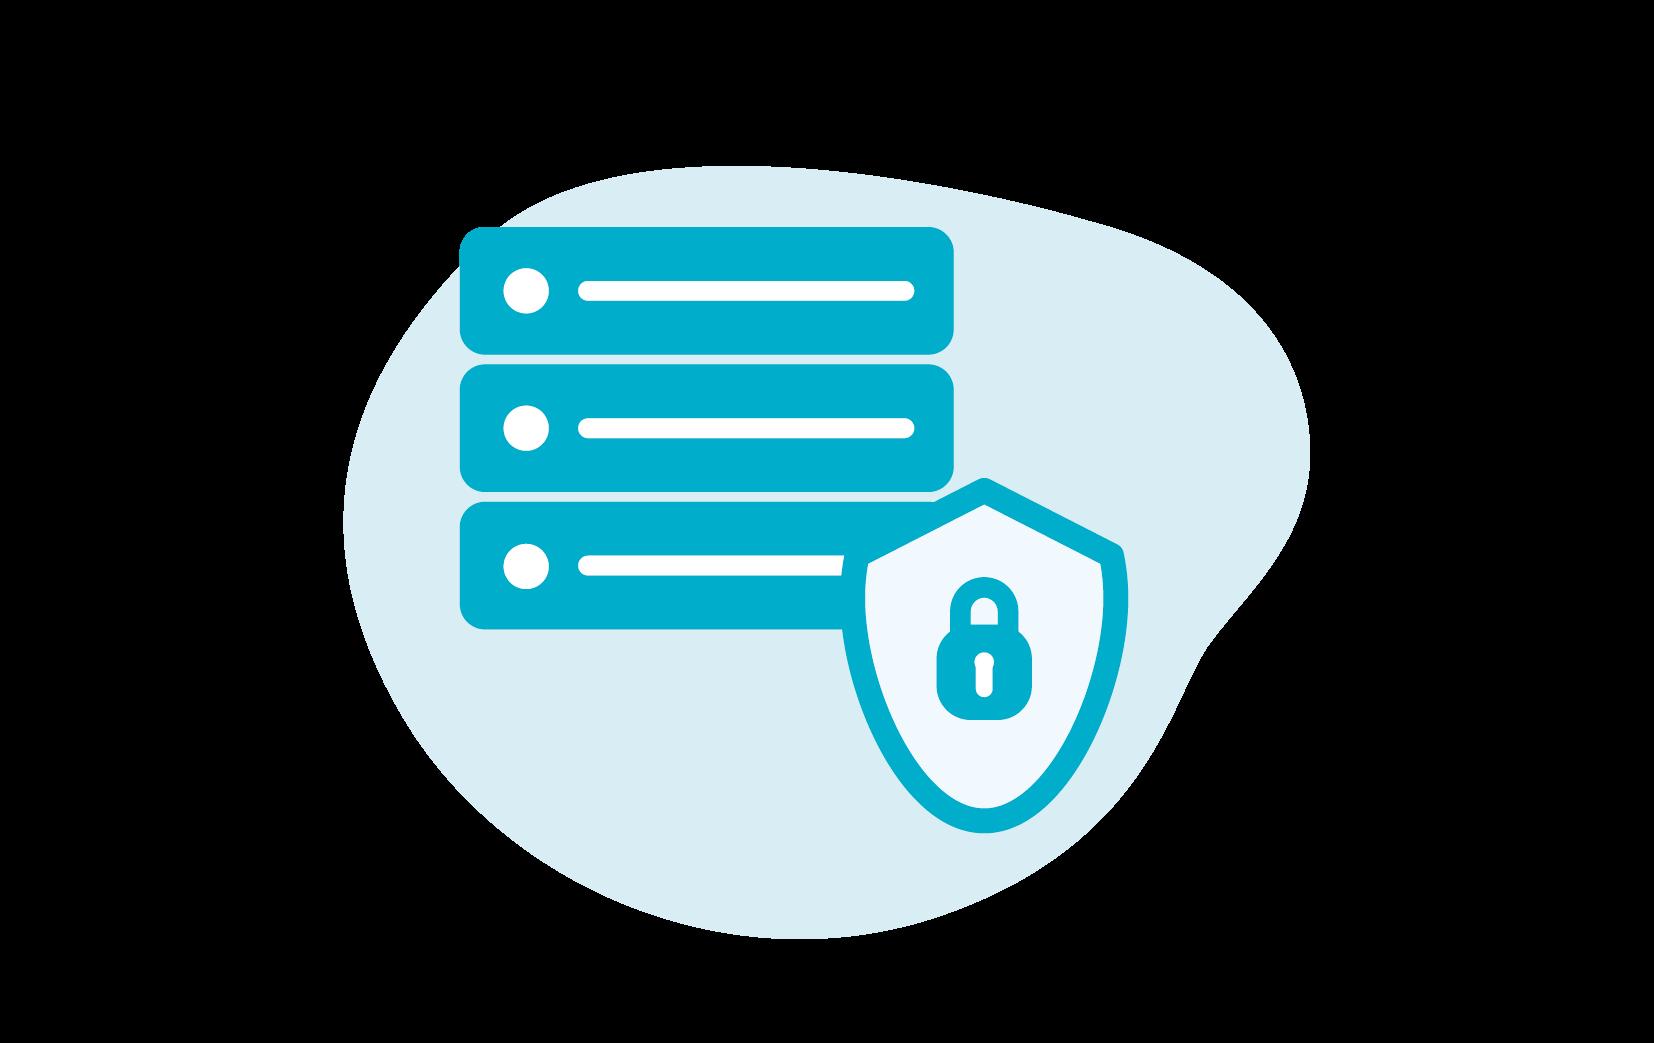 Icoon van een beveiligde server